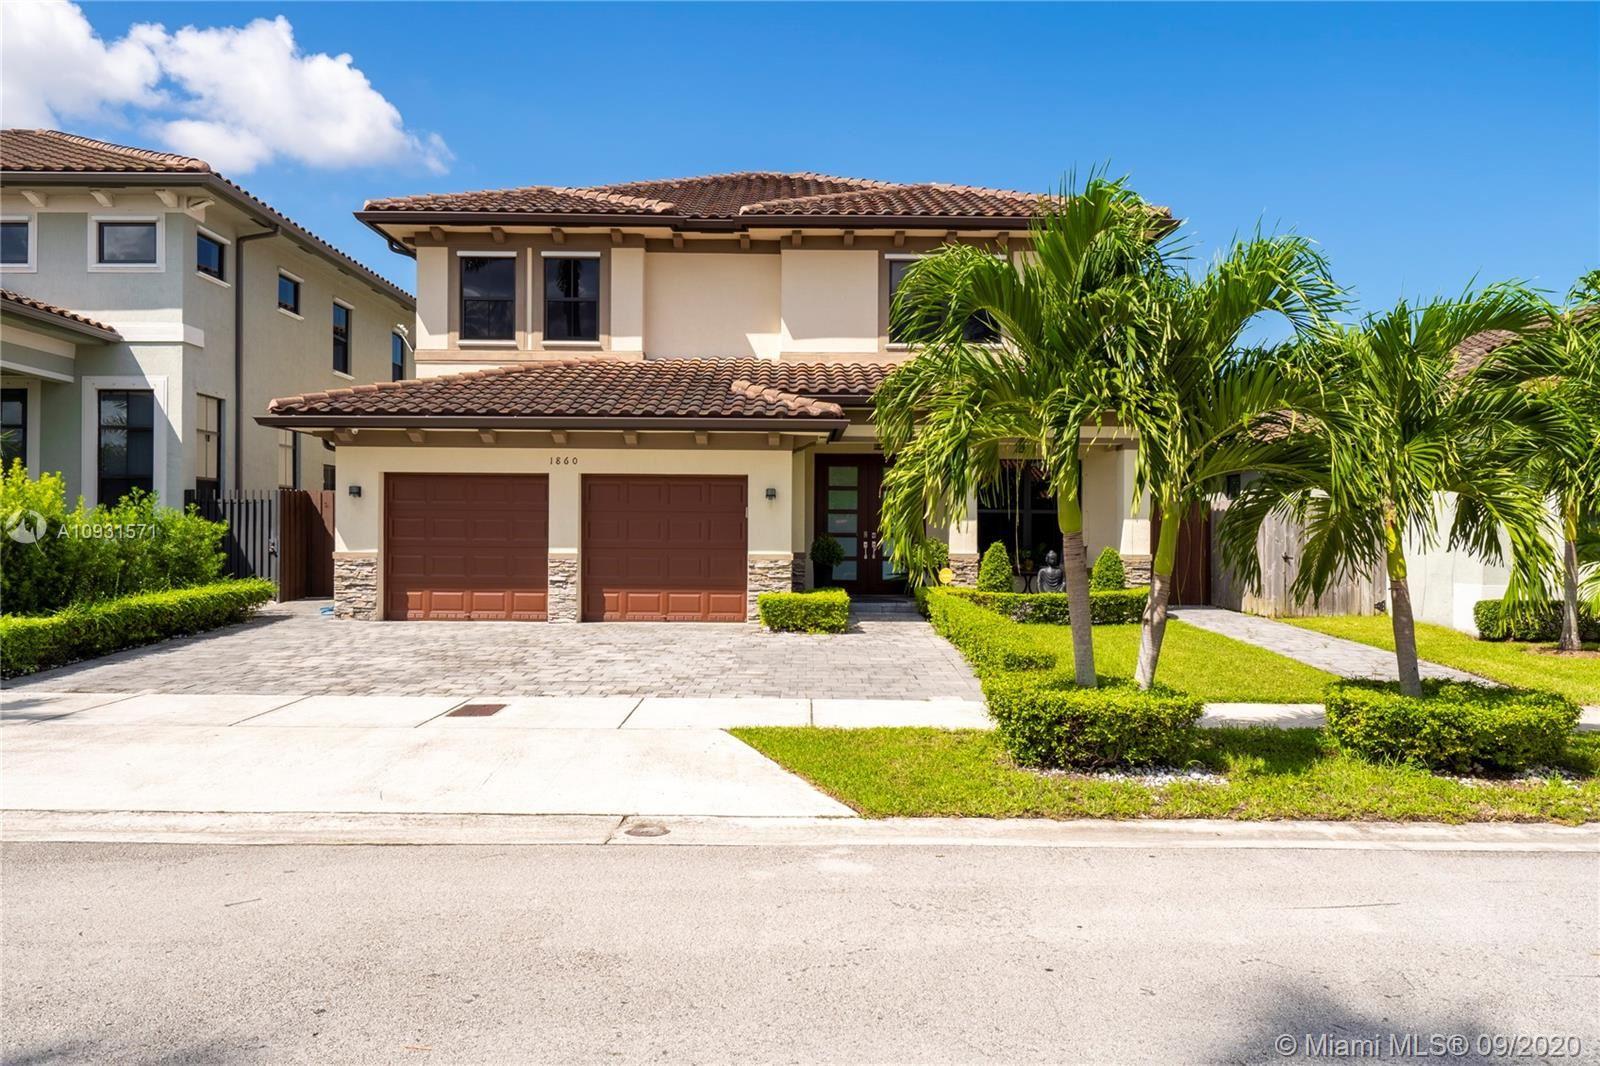 1860 SW 154th Ave, Miami, FL 33185 - #: A10931571